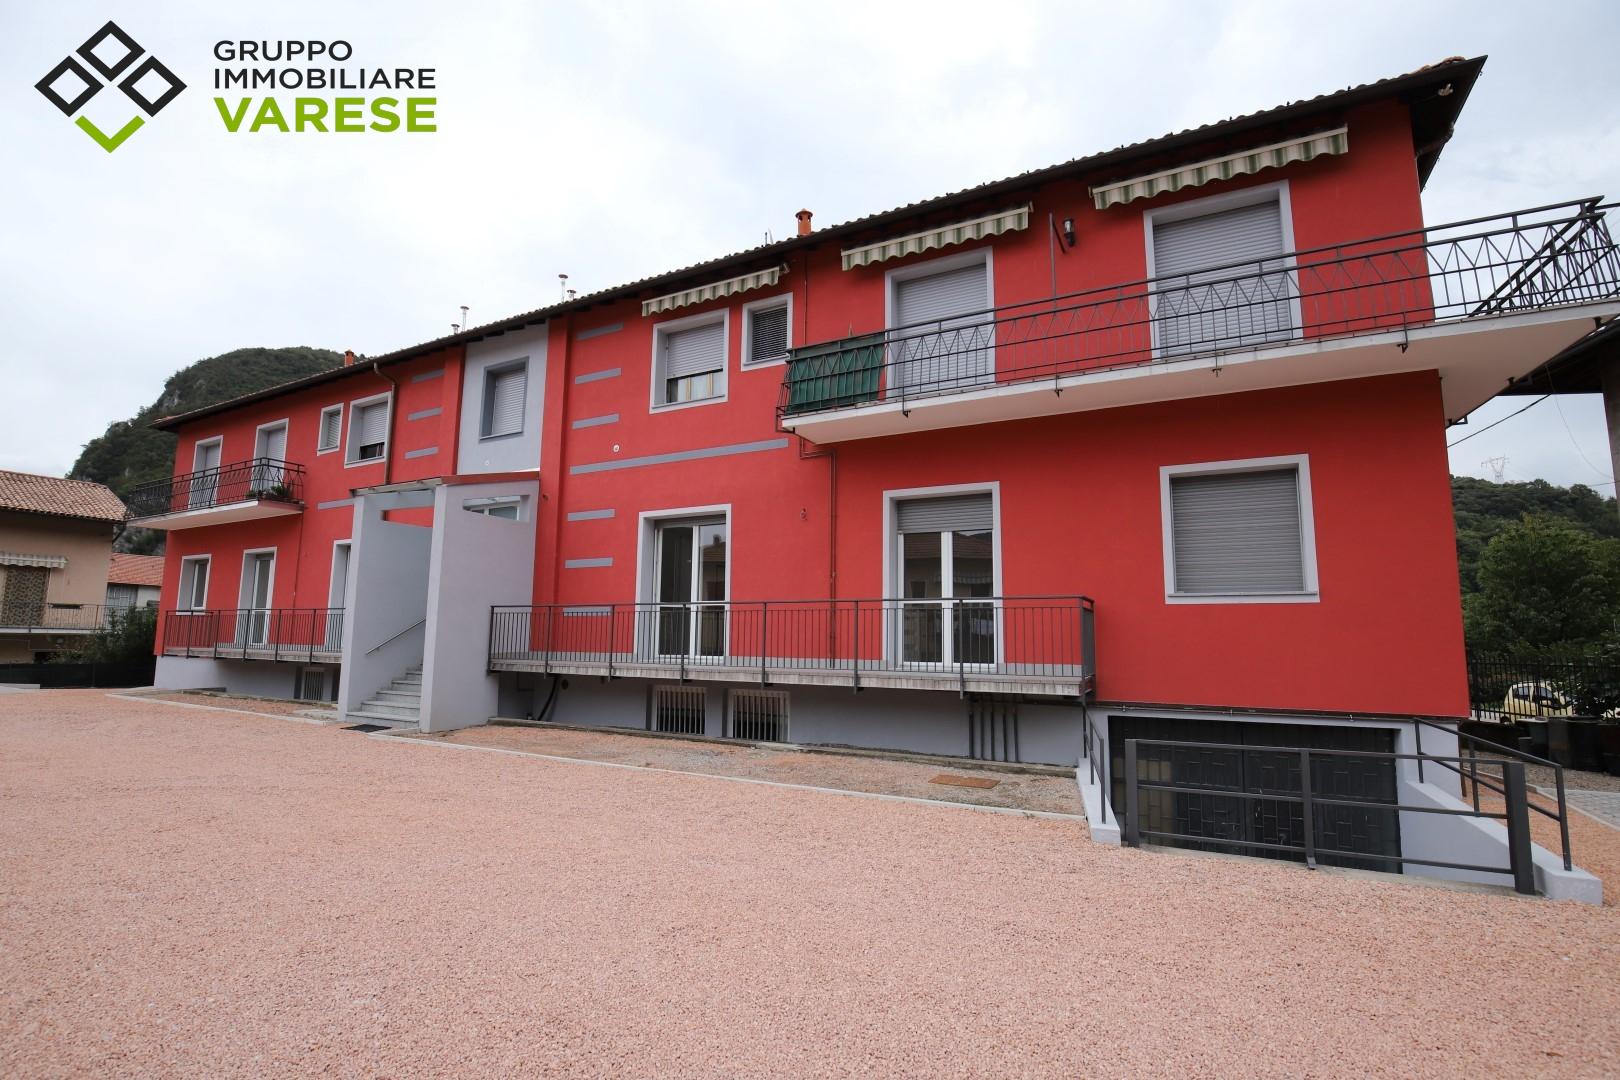 Appartamento in vendita a Bisuschio, 3 locali, zona Zona: Piamo, prezzo € 170.000 | CambioCasa.it